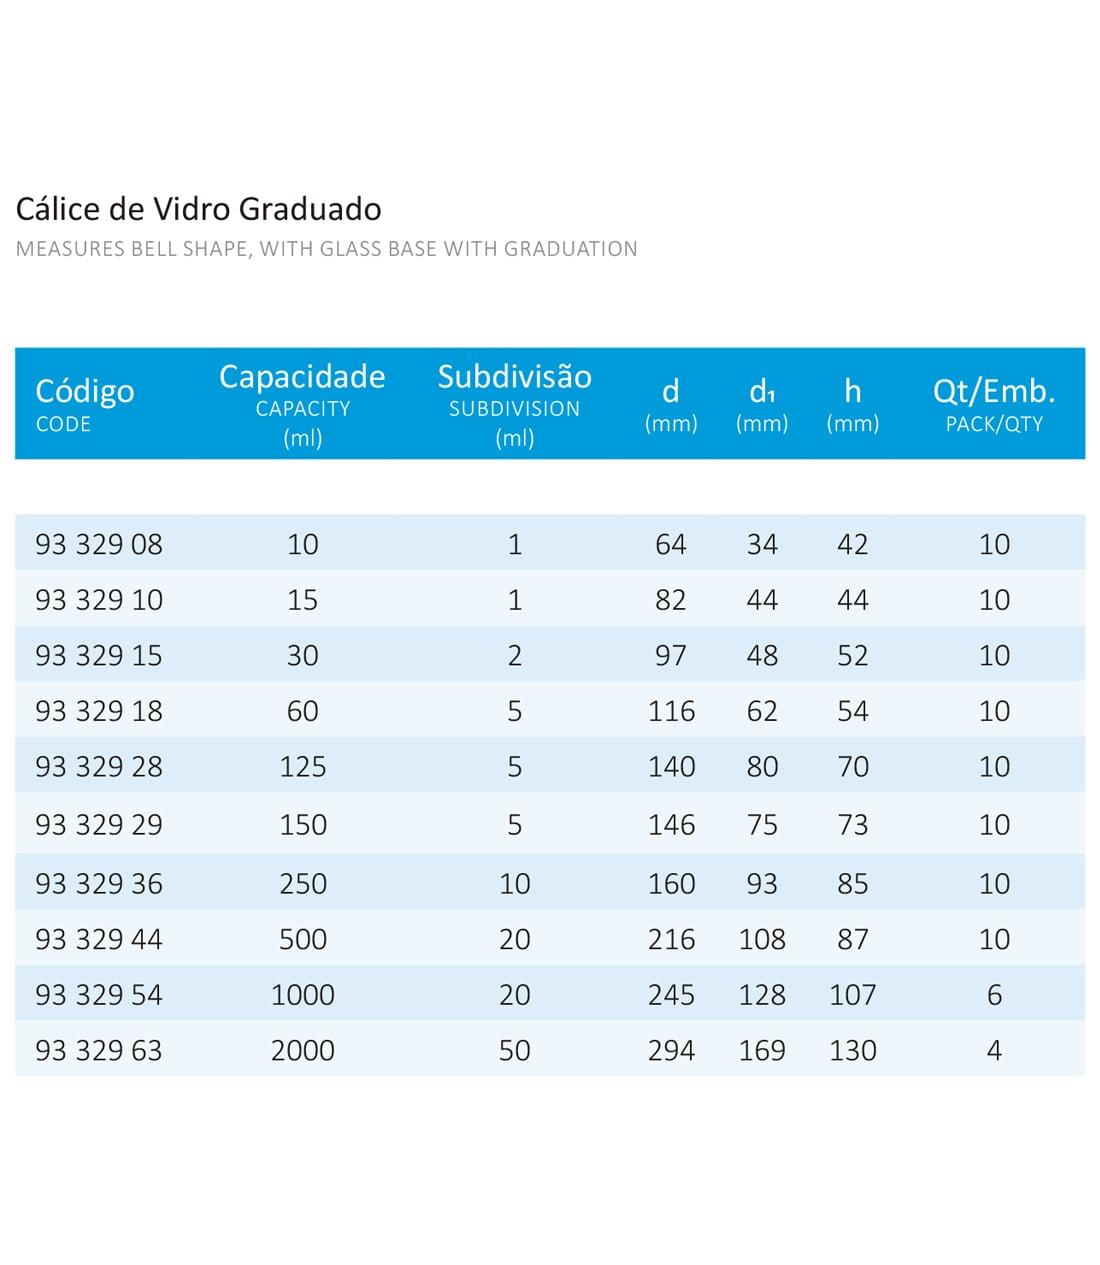 CALICE DE VIDRO GRADUADO 2000 ML 50/1 - Laborglas - Cód. 9332963